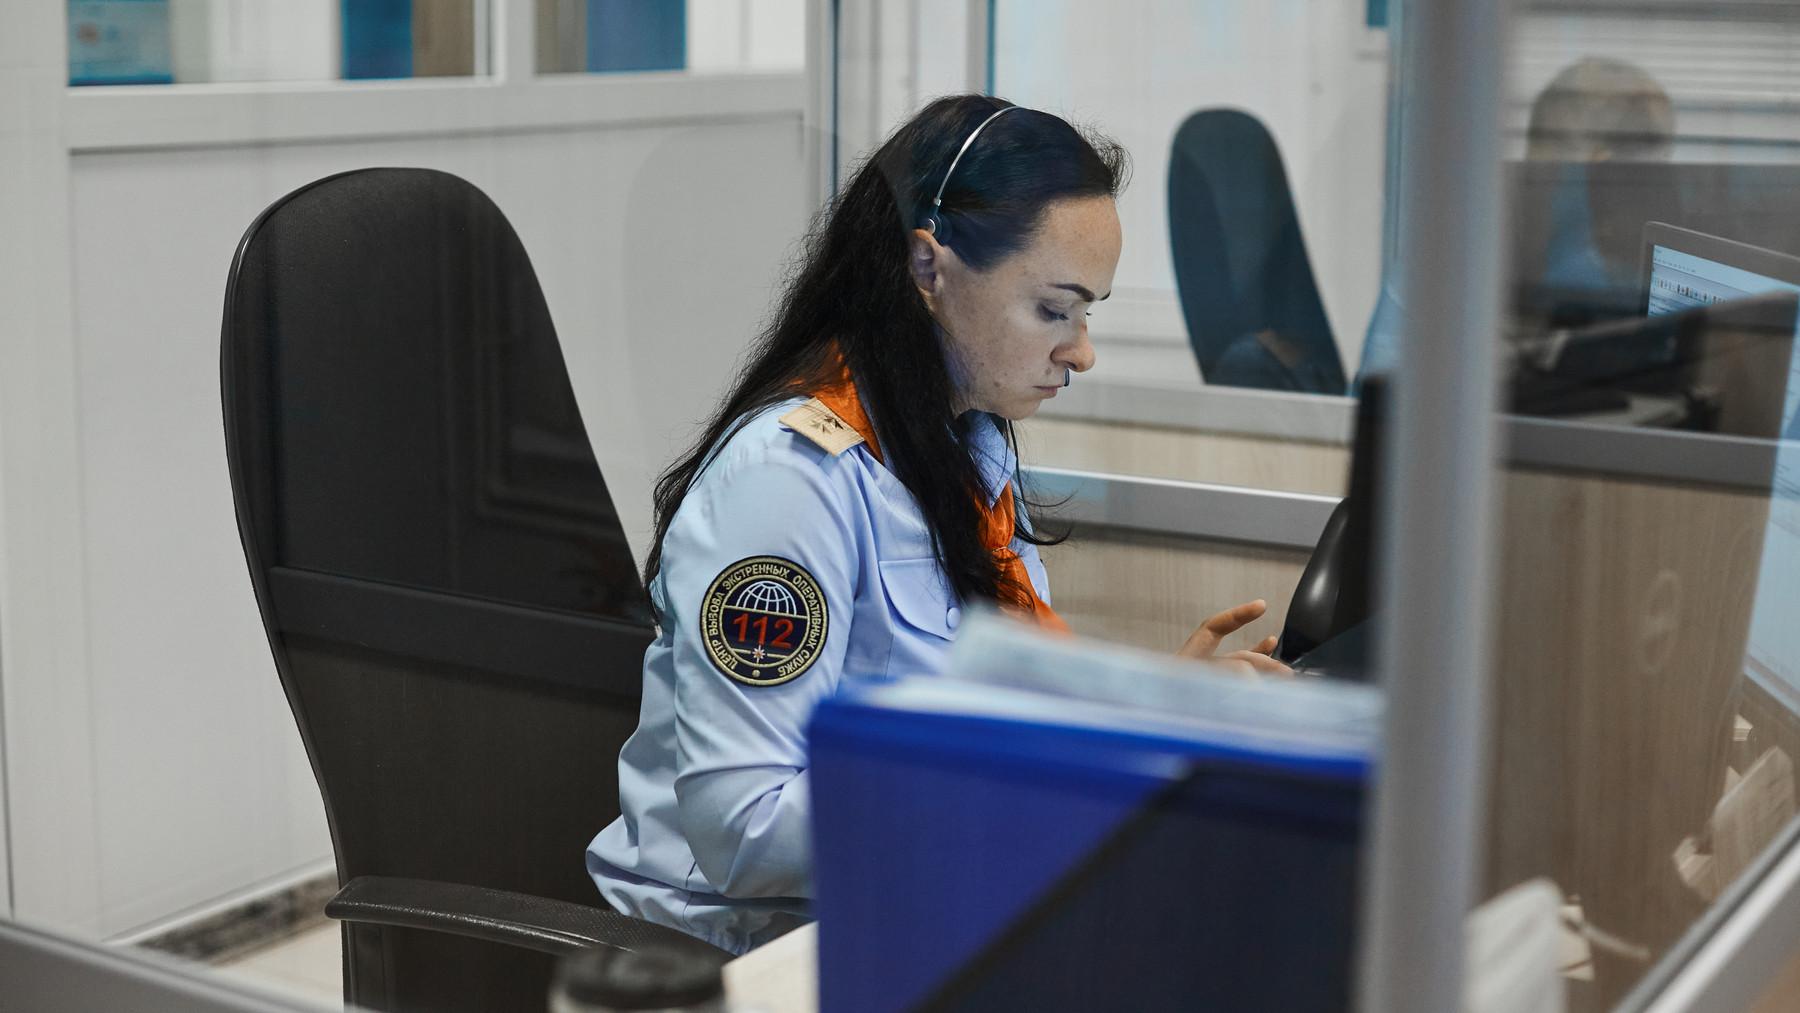 Свыше 240 тыс. вызовов поступило в систему-112 Московской области за неделю